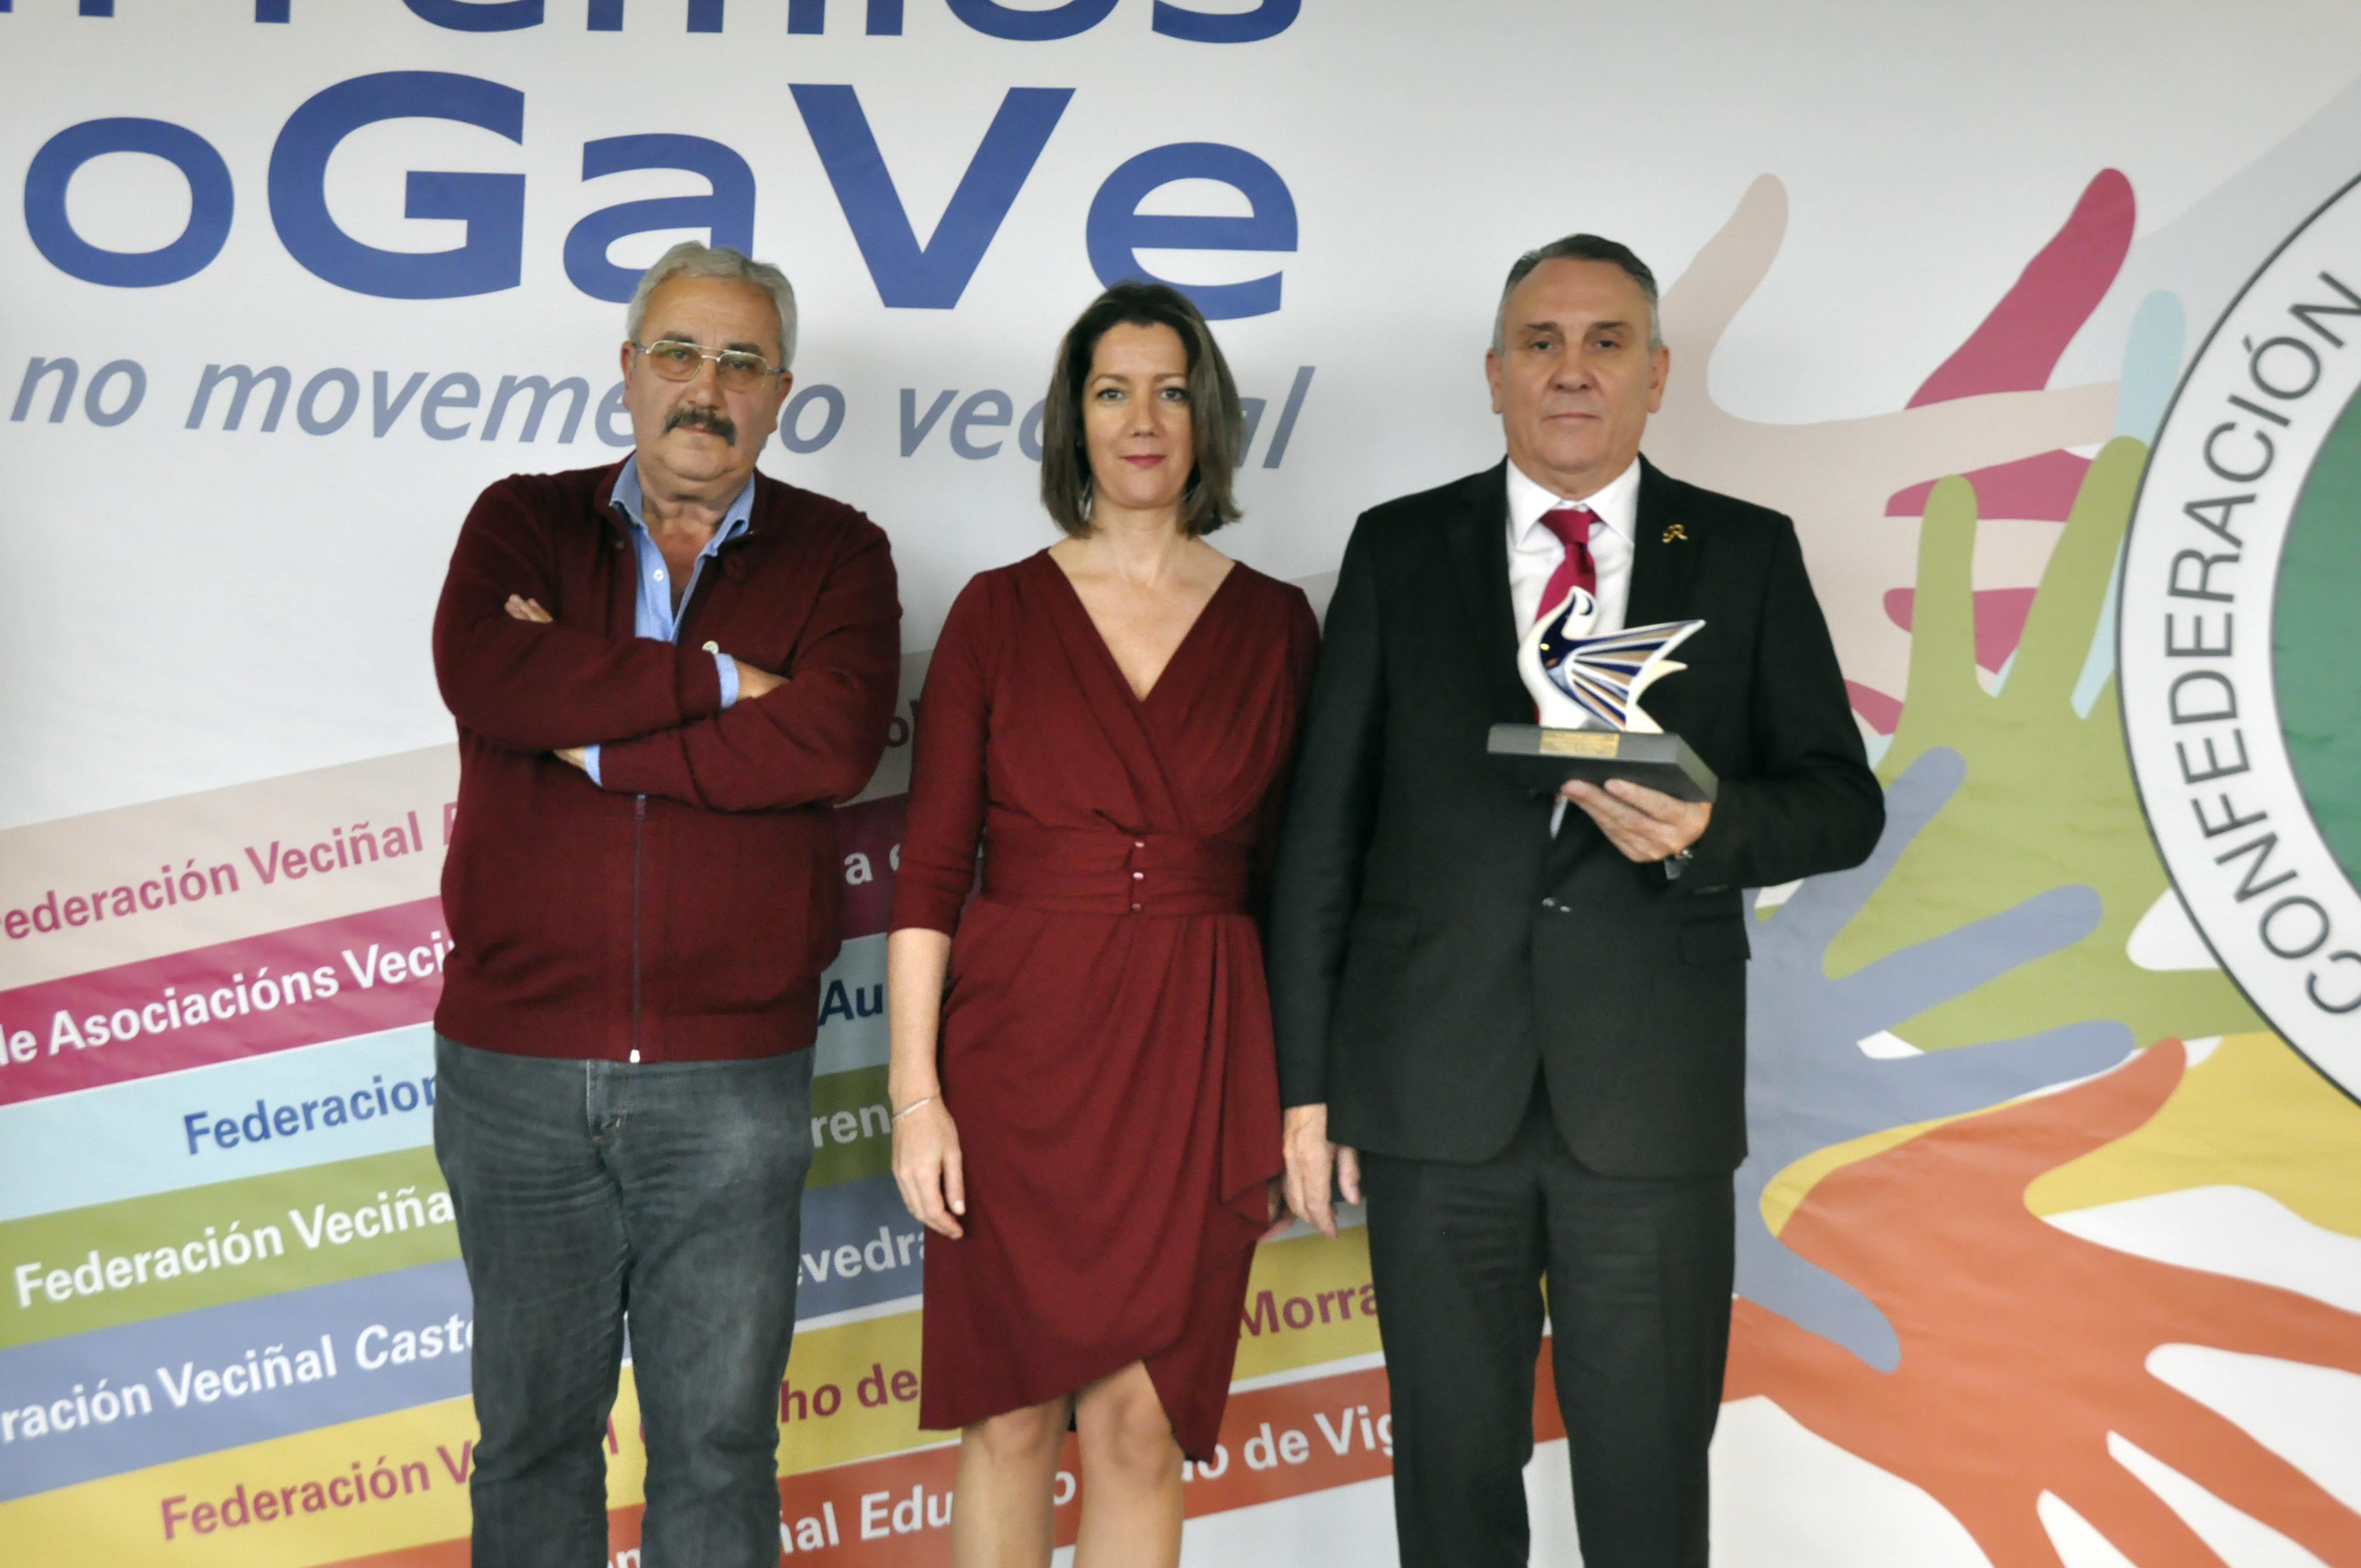 Entregaron o premio a Alcaldesa de Lugo, Lara Méndez, e o Presidente da Federación, Jesús Vázquez Varela